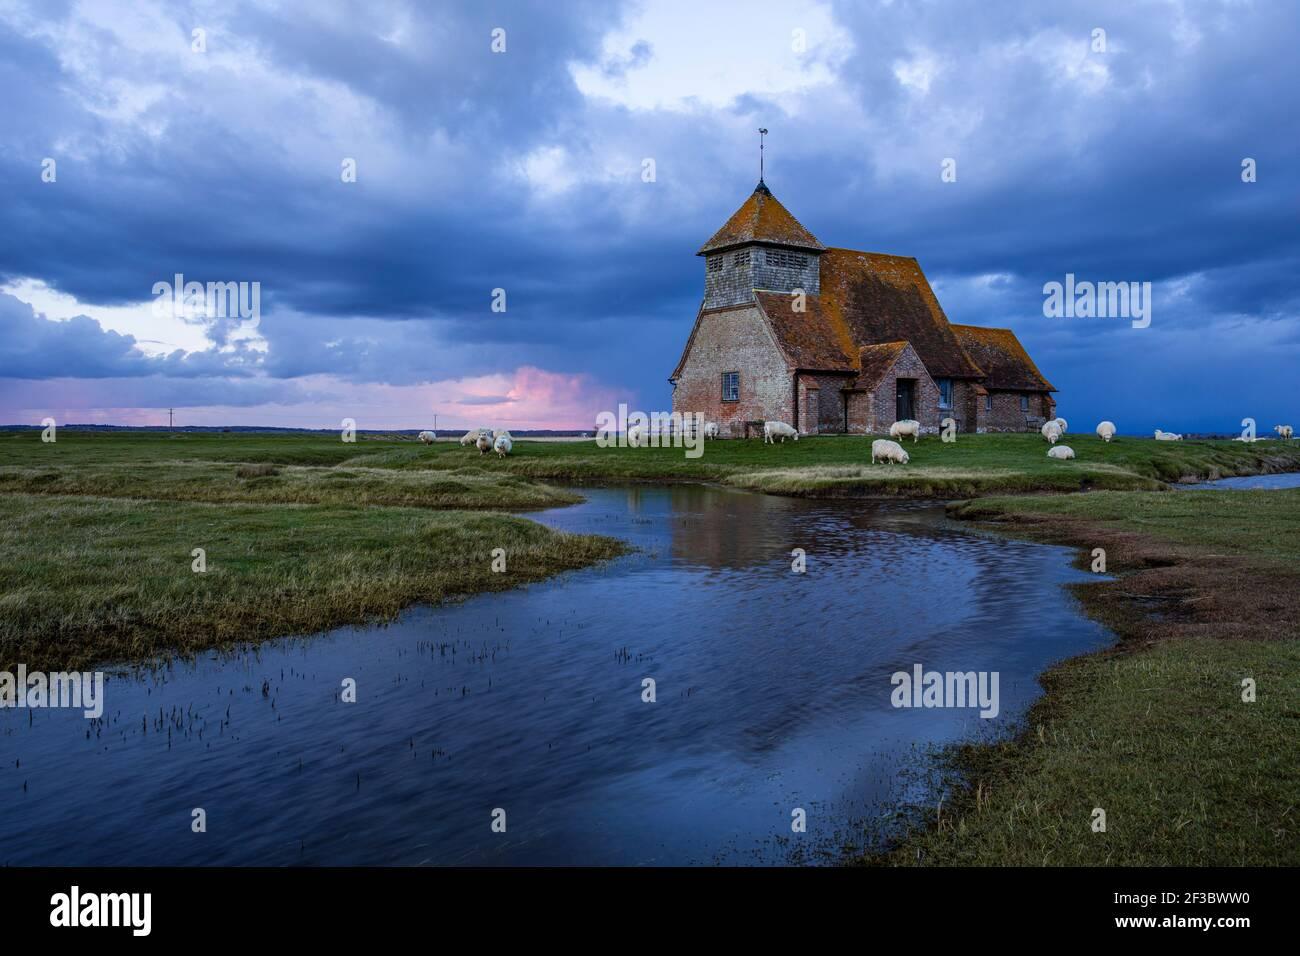 Chiesa di San Thomas Becket vicino a Fairfield sulla Marsh Romney nel Kent, Inghilterra sud-orientale, nubi tempesta che si radunano durante l'ora blu e pascolo delle pecore Foto Stock